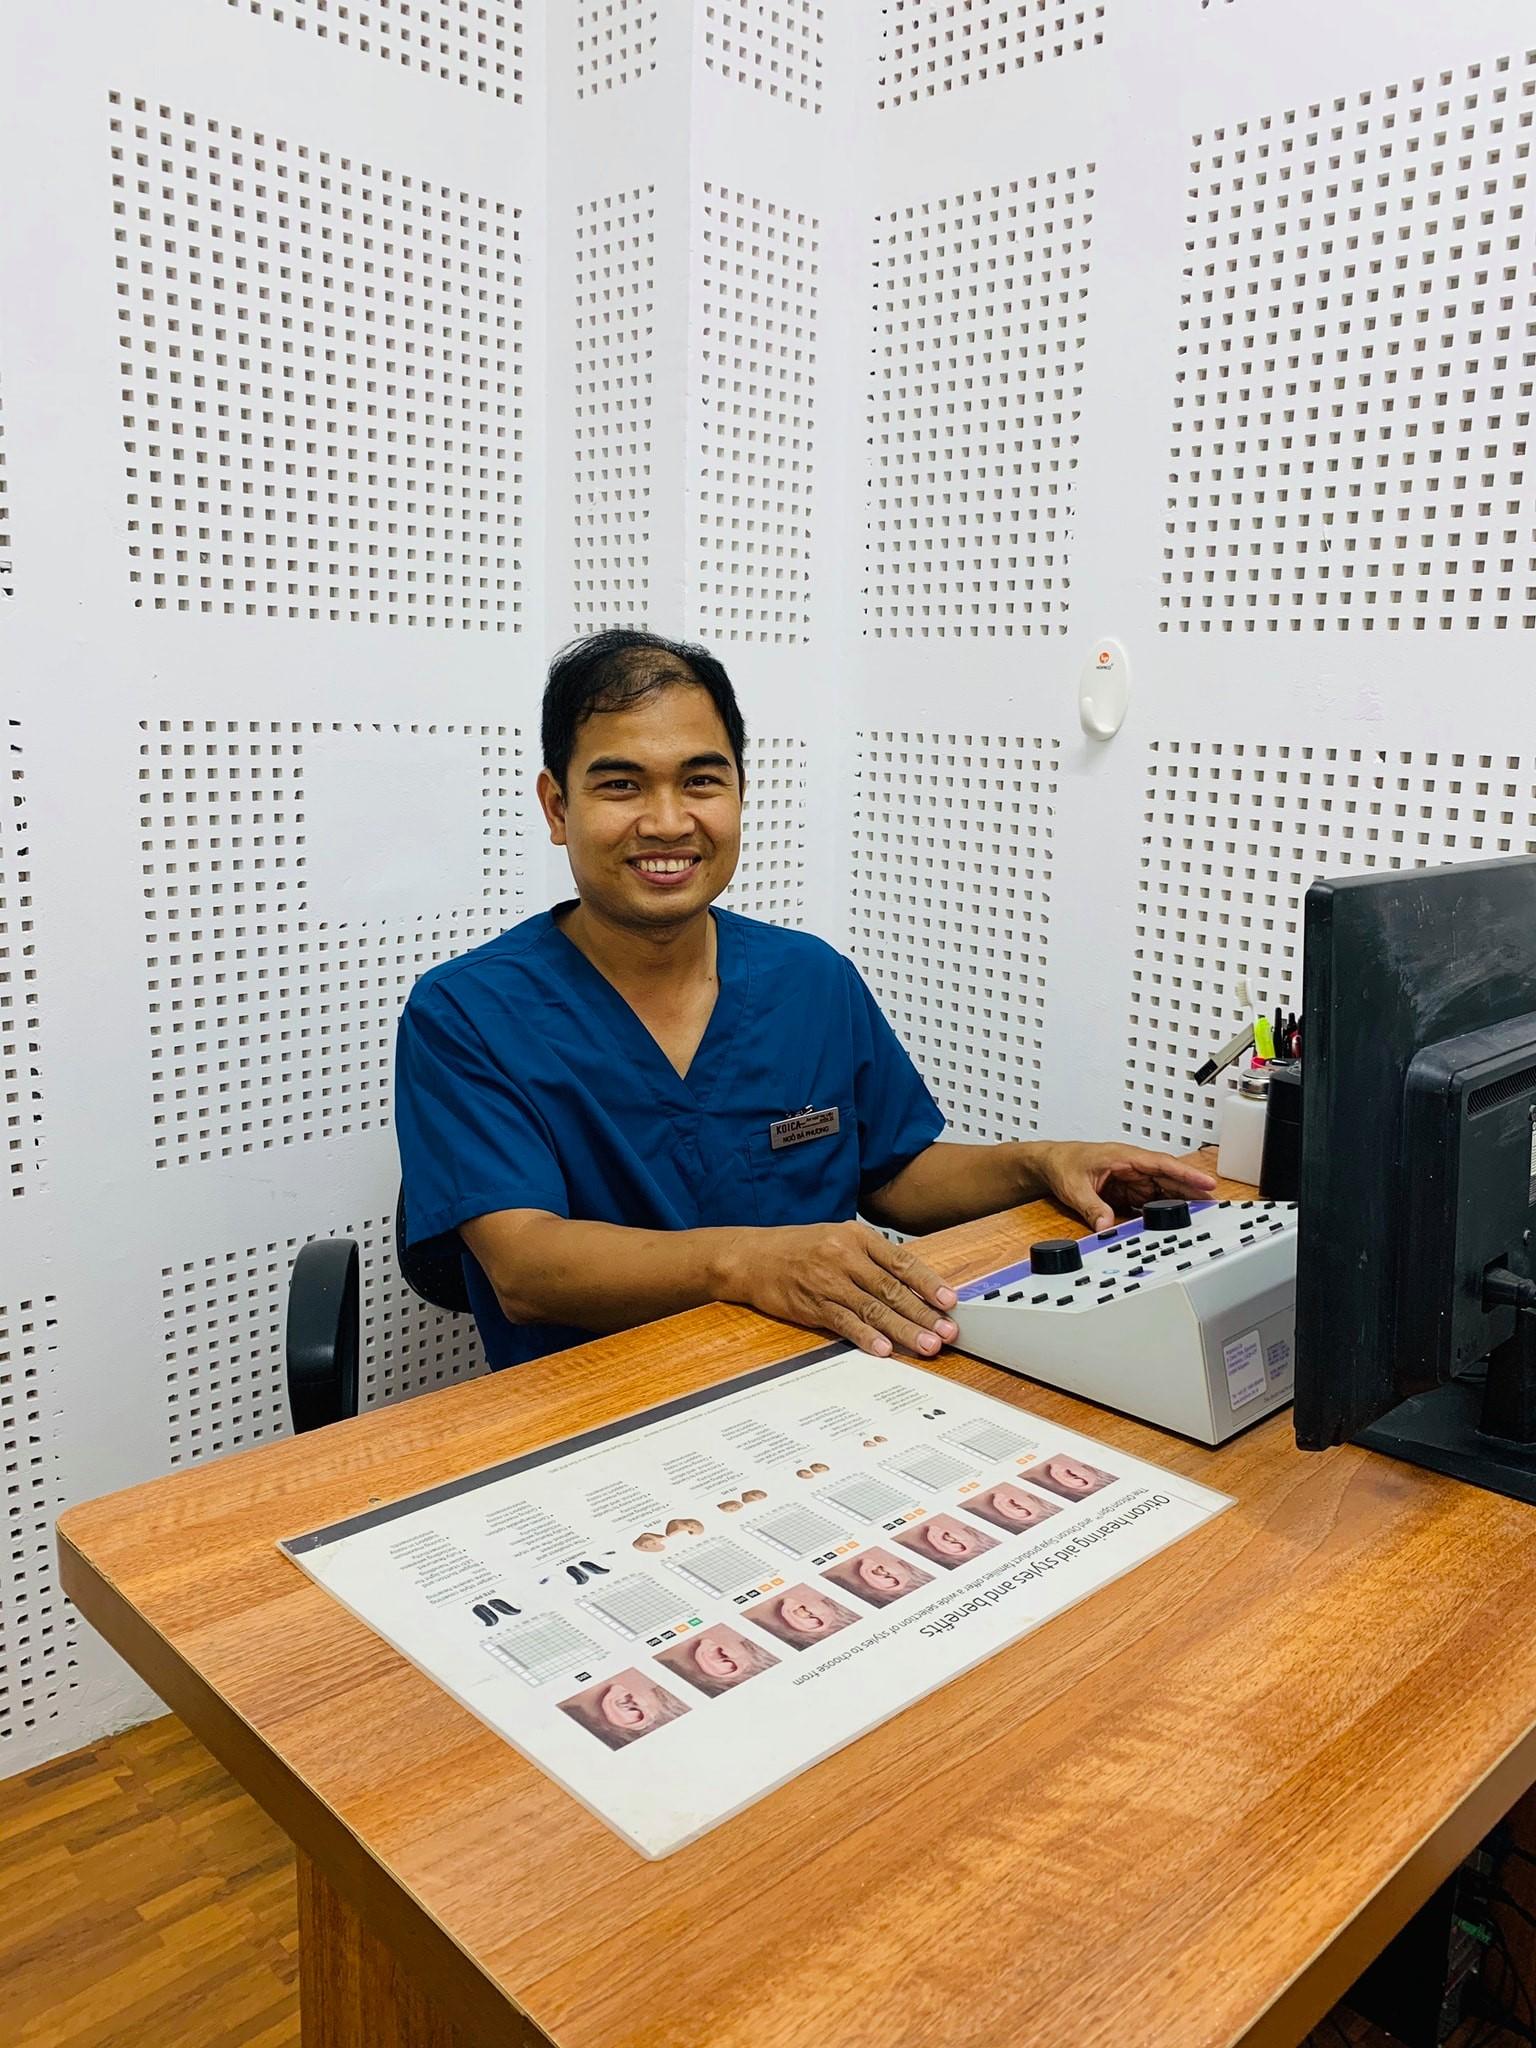 Sự hài lòng của khách hàng là động lực và niềm vui của đội ngũ y bác sỹ tại Trợ Thính Châu Âu chi nhánh Huế